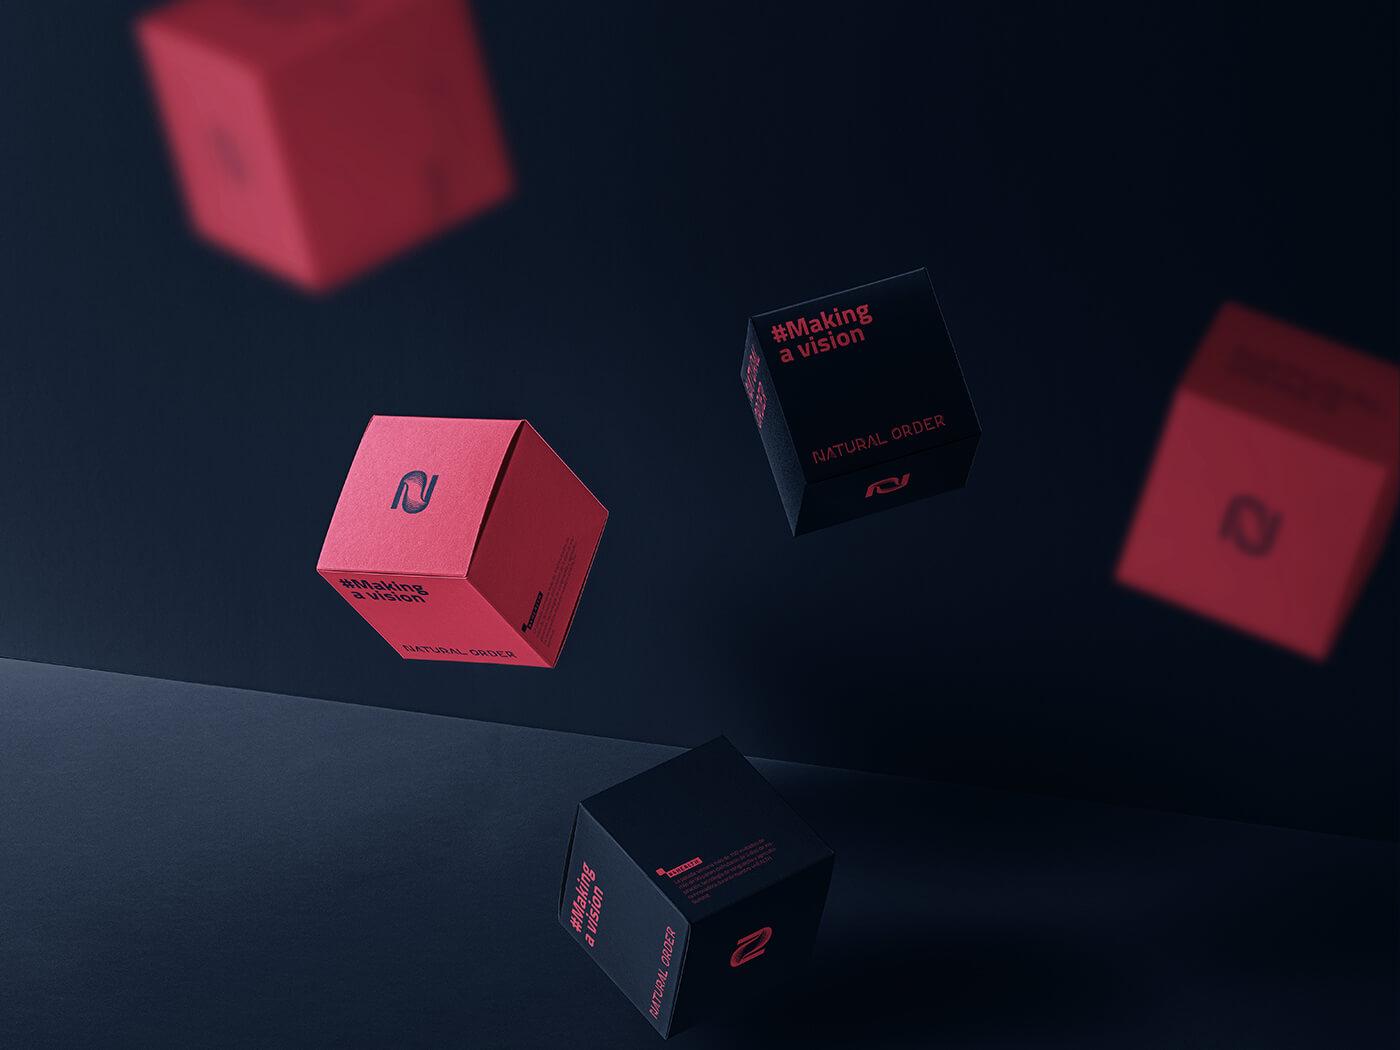 nattural-order-identidad-packaging